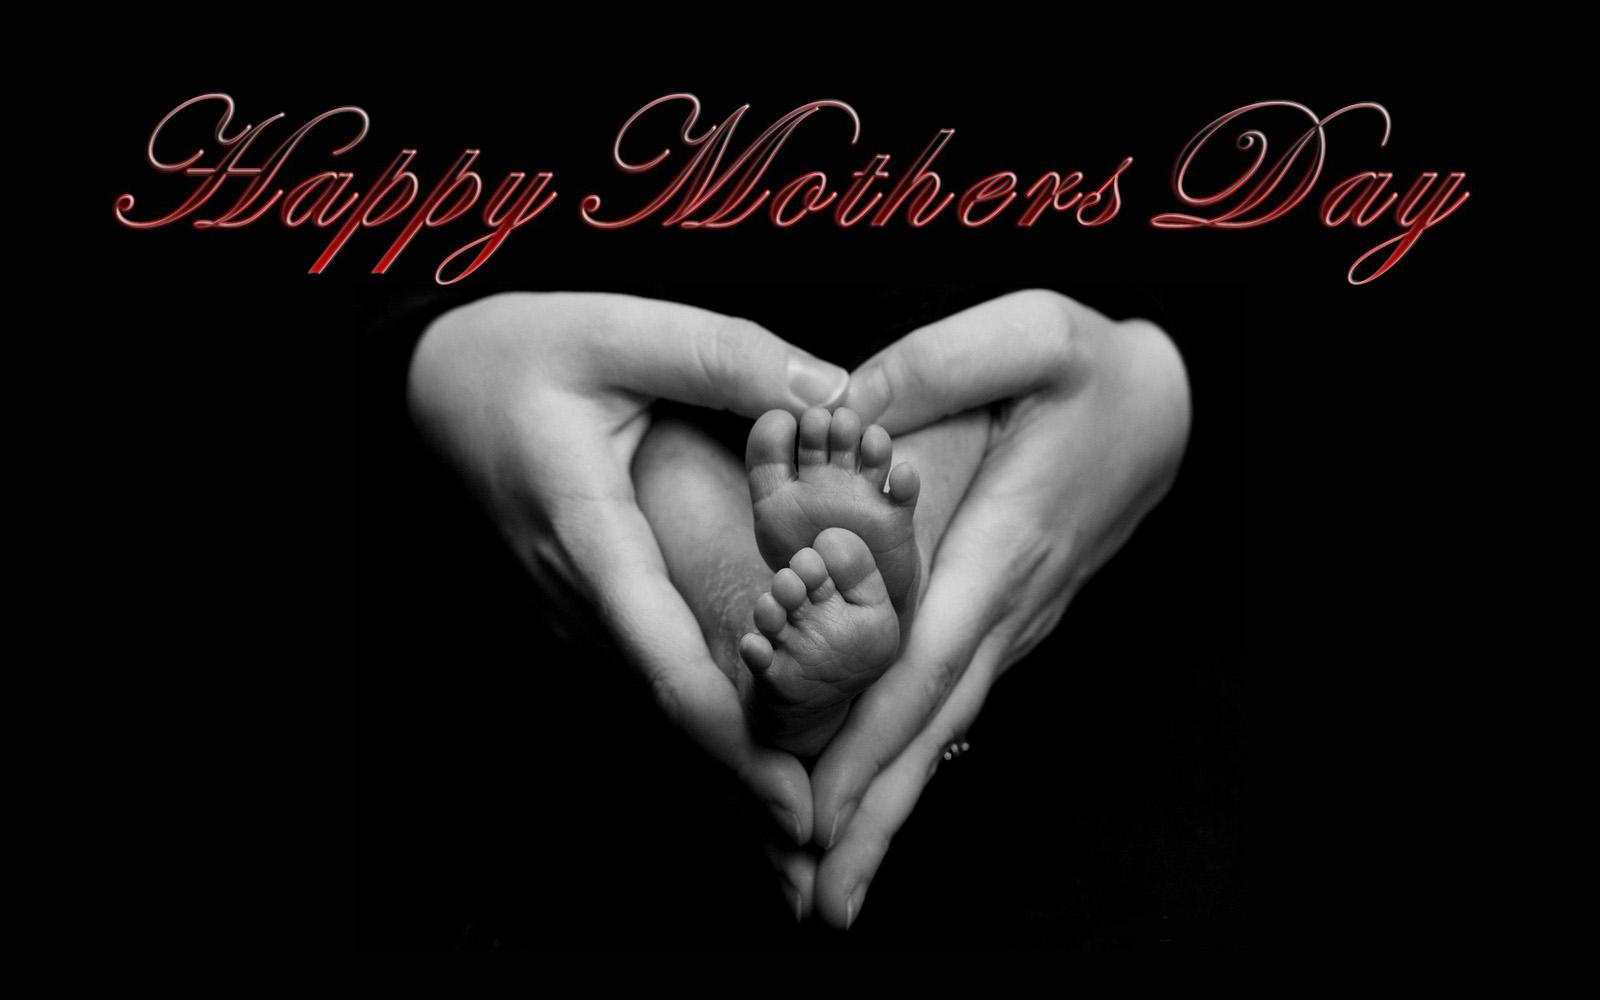 http://4.bp.blogspot.com/-IBAr9-4CX1A/UXYmSPoMnfI/AAAAAAAAAA8/V_S4_-XteC4/s1600/mothers_day_2013_wallpaper.jpg